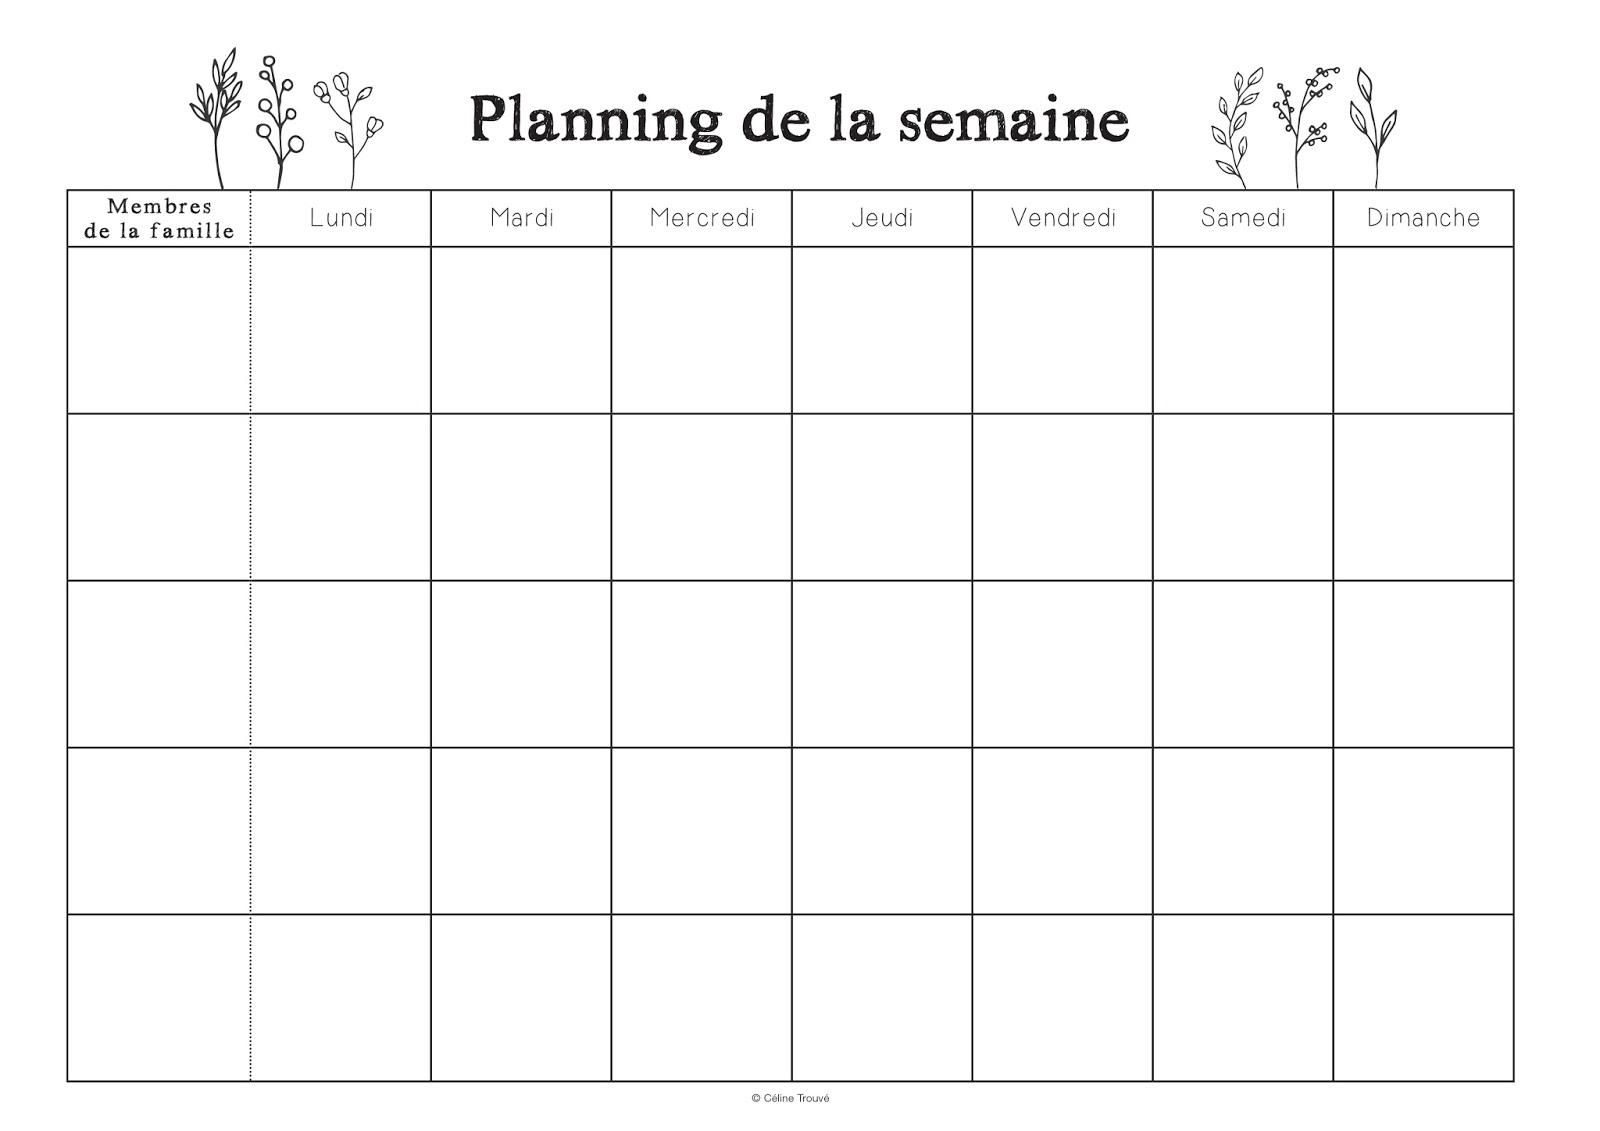 Planning de la semaine à imprimer